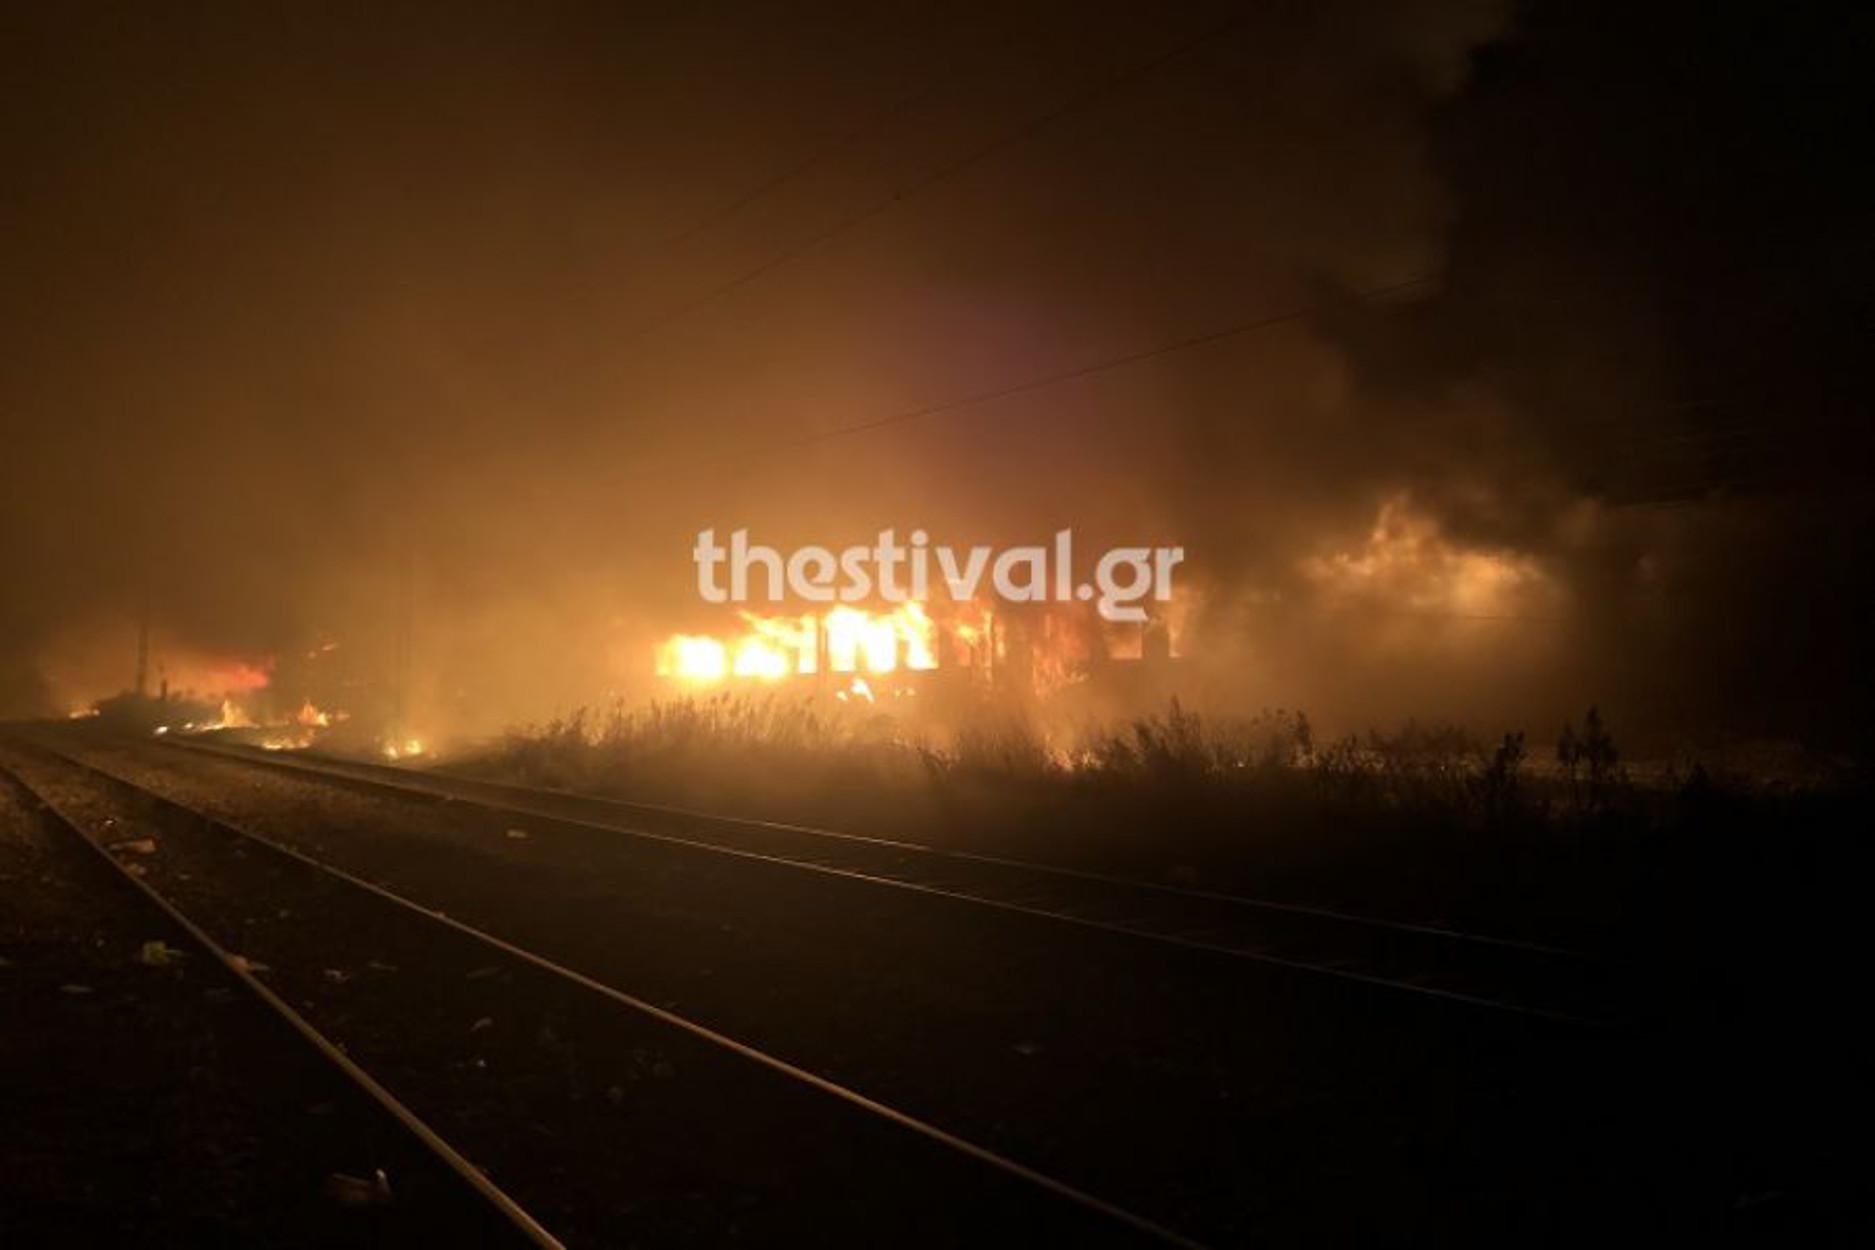 ose fotia - Φωτιά σε βαγόνια της ΤΡΑΙΝΟΣΕ! Καθυστερήσεις στον προαστιακό Λάρισας